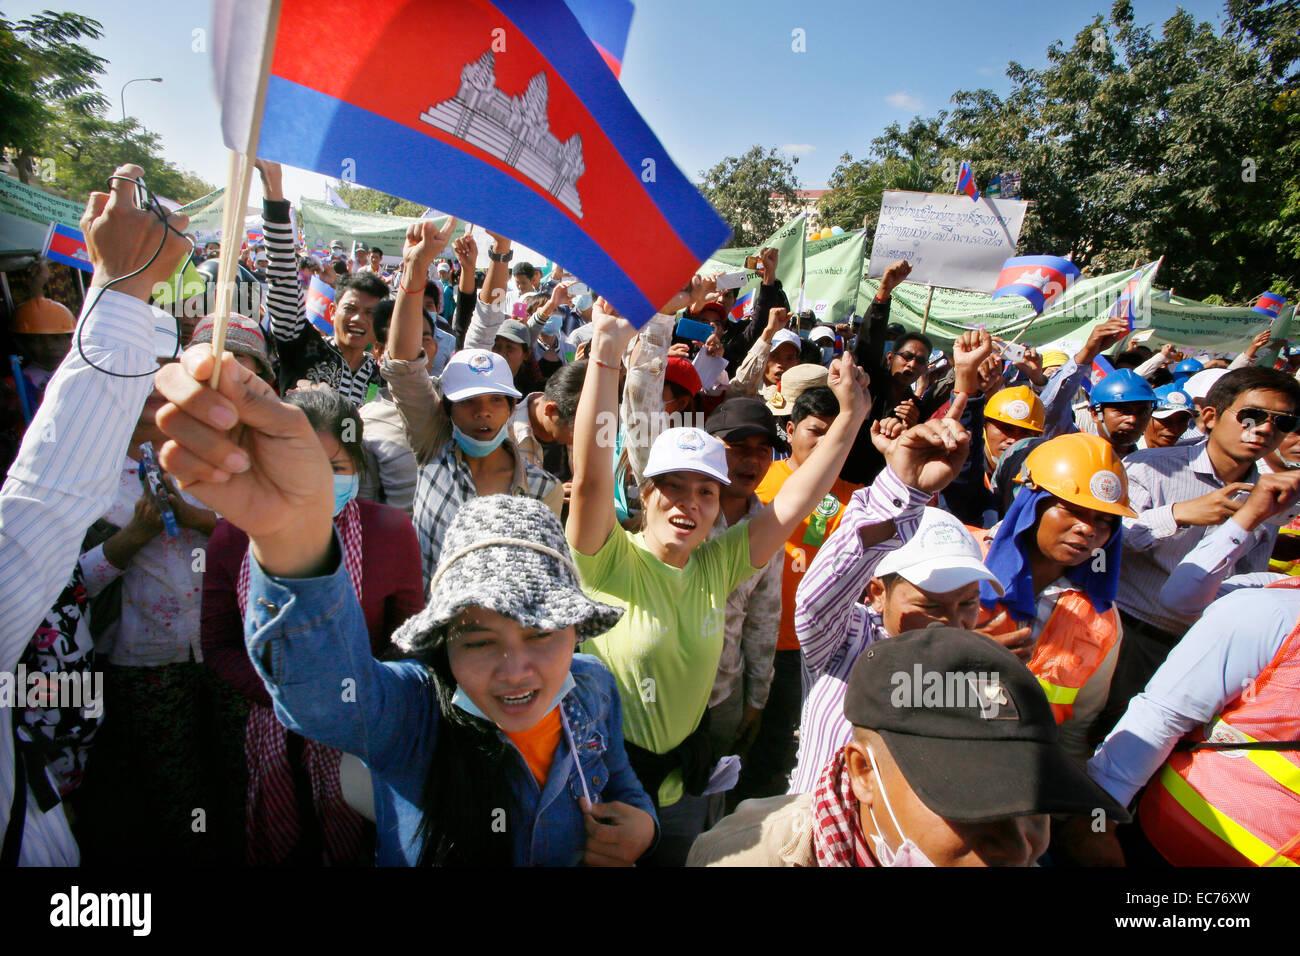 Phnom Penh, Cambodia. 10th Dec, 2014. People celebrate the Human Rights Day in Phnom Penh, Cambodia, Dec. 10, 2014. - Stock Image